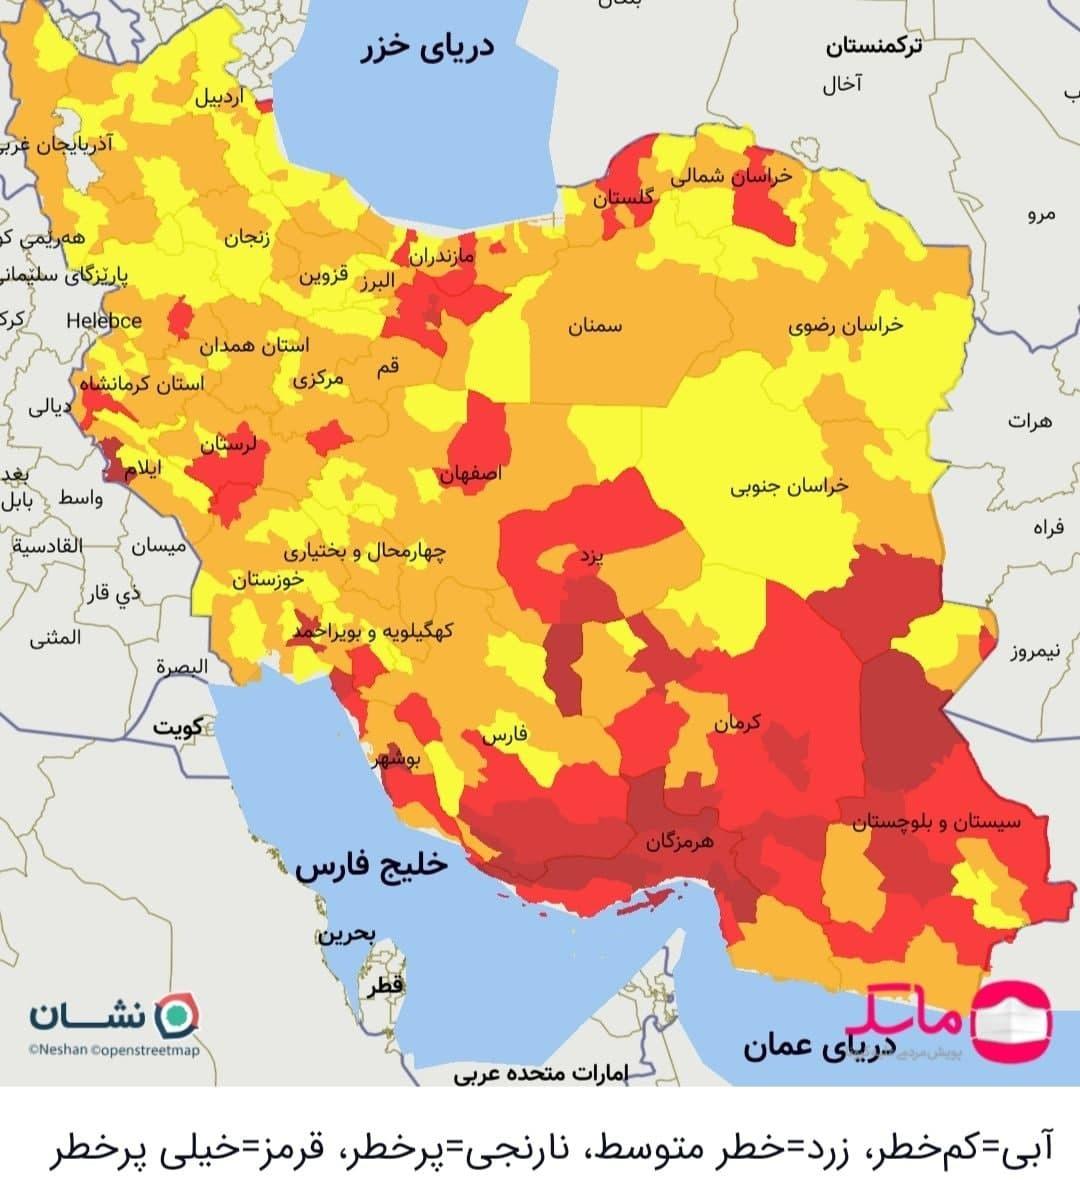 تهران و ۹۱ شهرستان دیگر در وضعیت قرمز کرونا + نقشه جدید رنگبندی کرونا